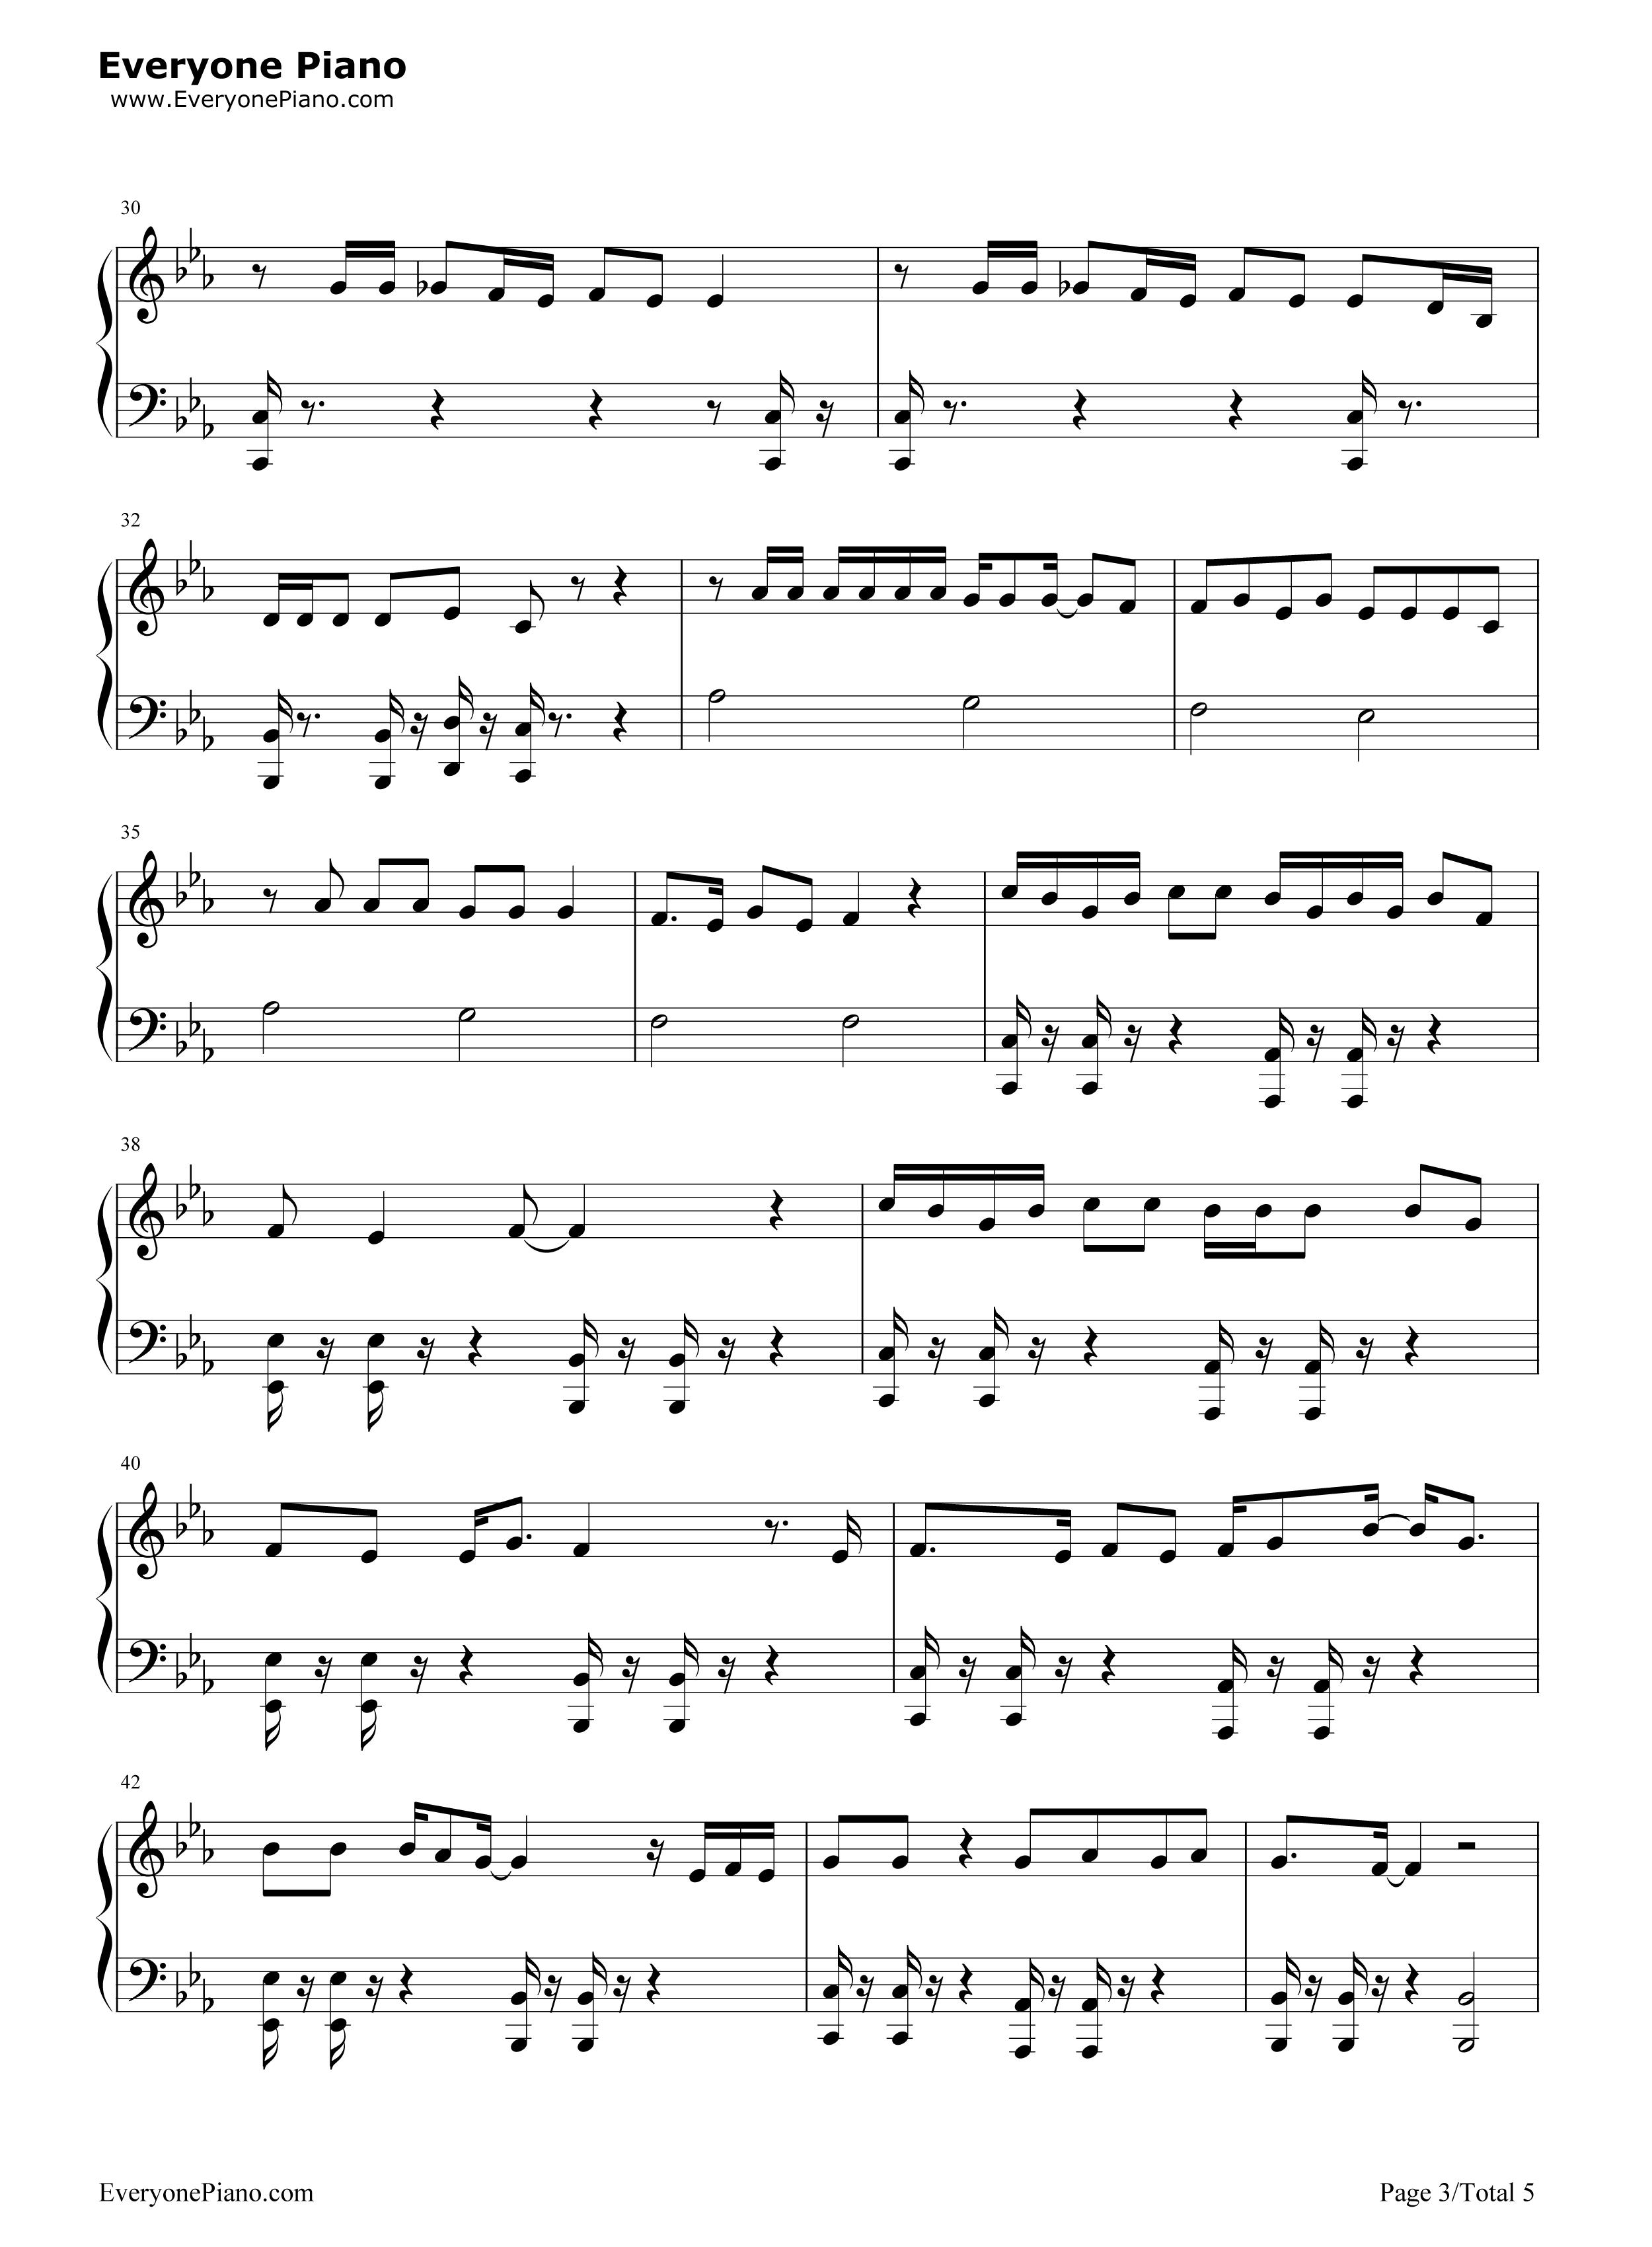 啷个哩个啷-鹏泊五线谱预览3-钢琴谱档(五线谱,双手